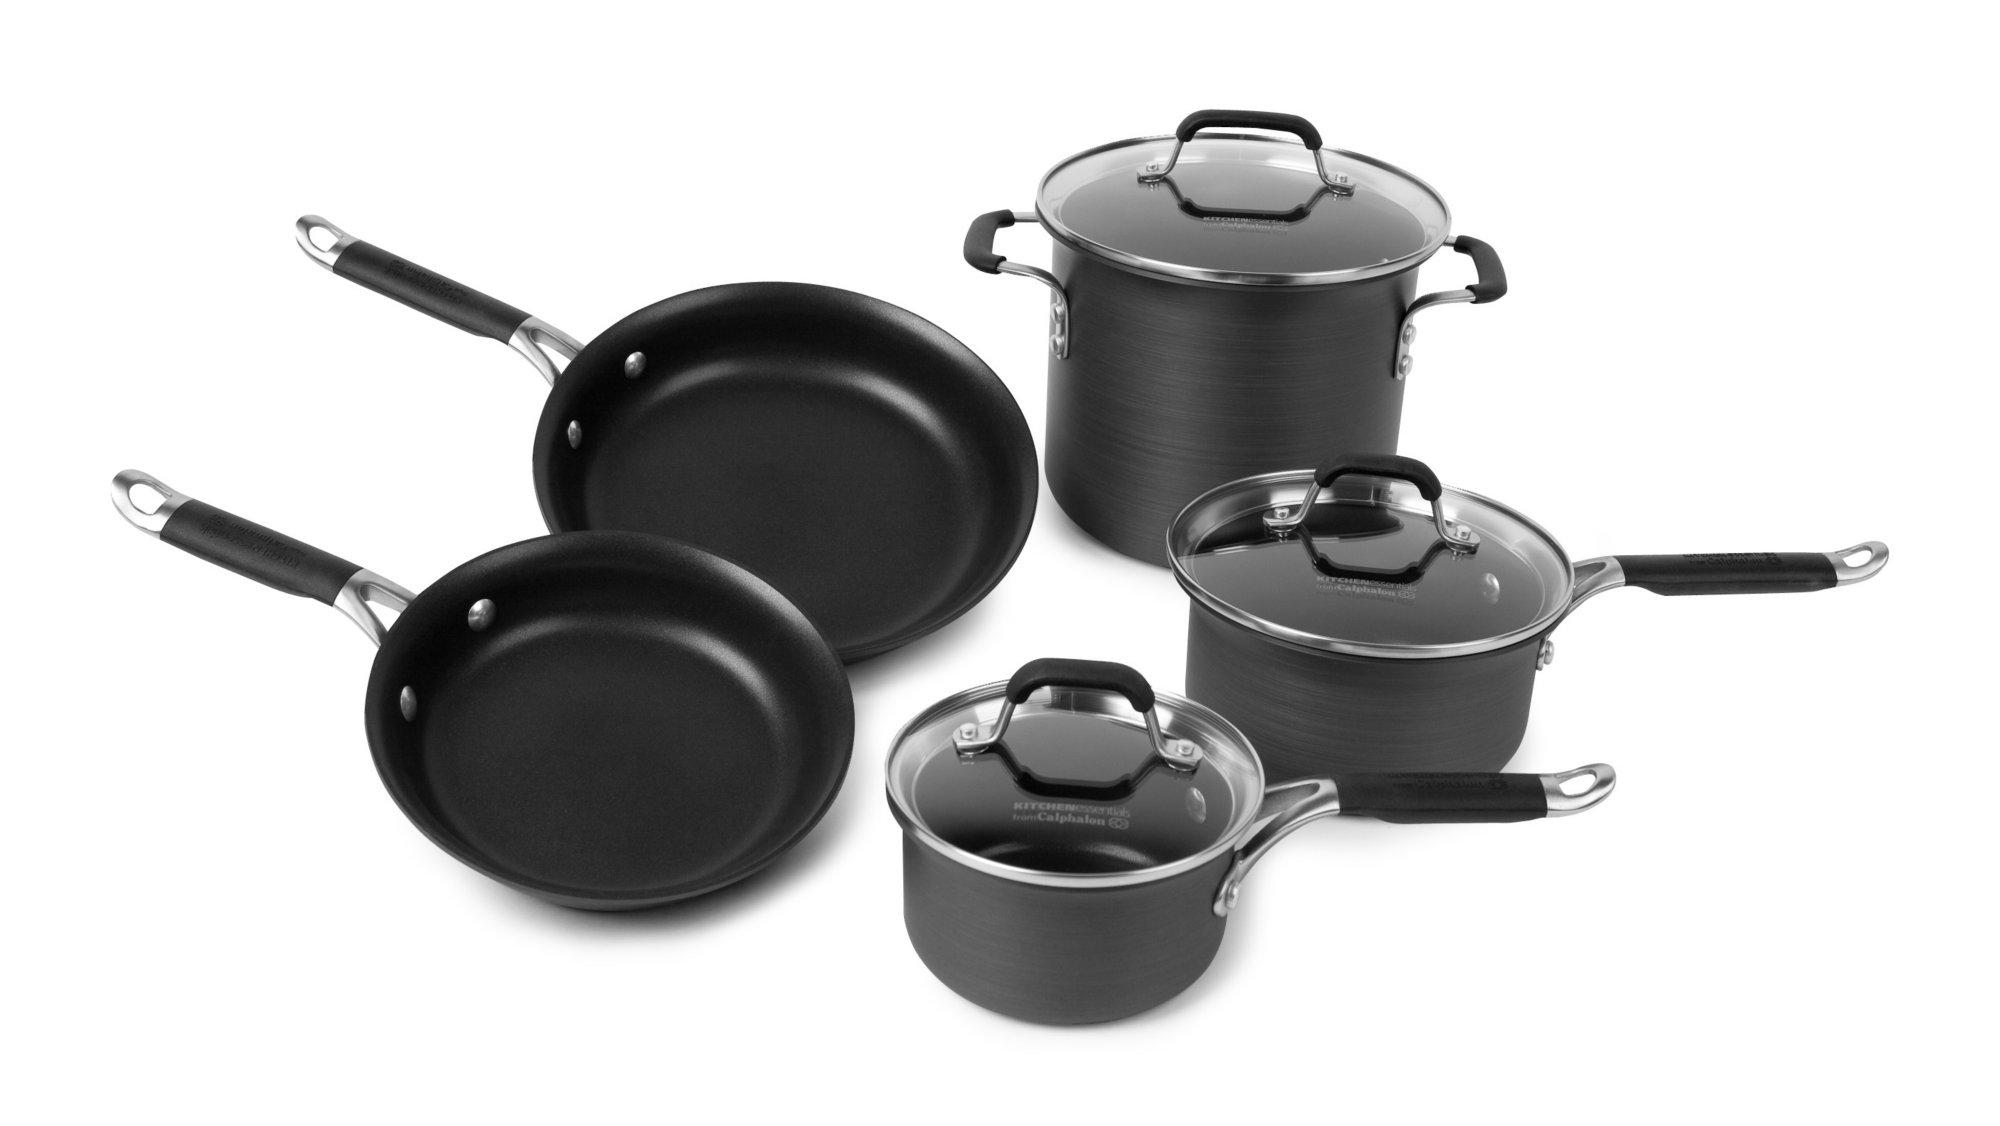 calphalon kitchen essentials nonstick 8-pc. cookware set